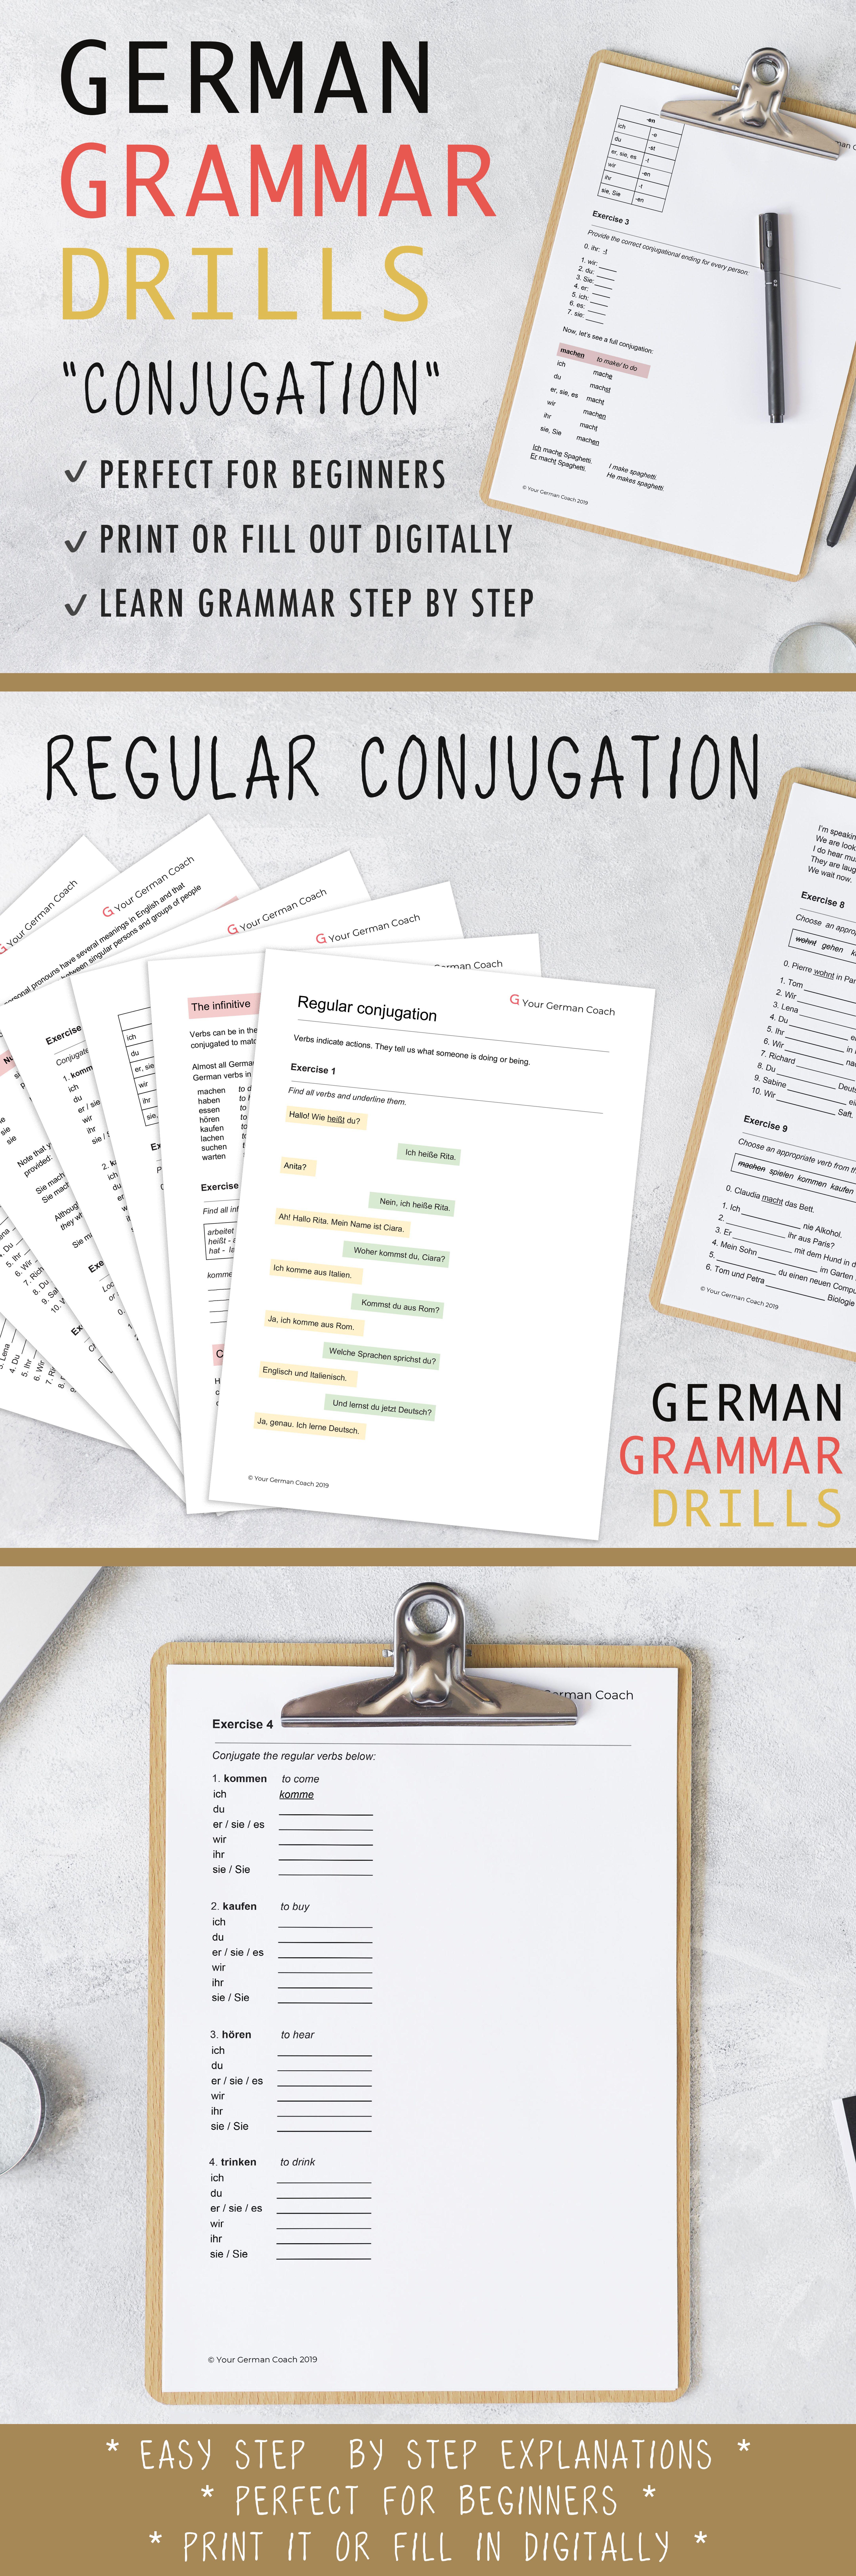 Regular Conjugation German Grammar Drills [ 13001 x 4321 Pixel ]